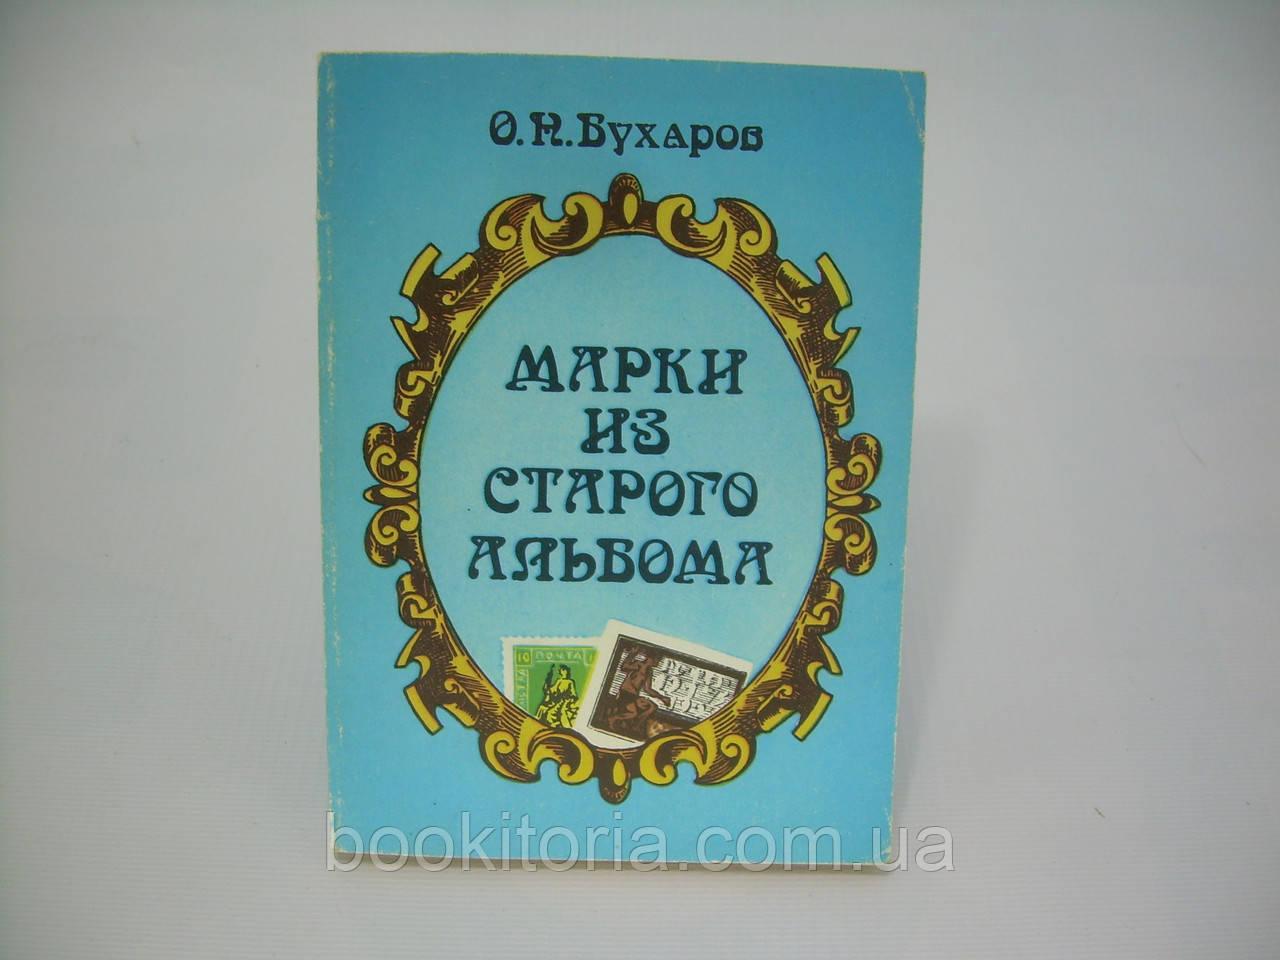 Бухаров О.Н. Марки из старого альбома (б/у).